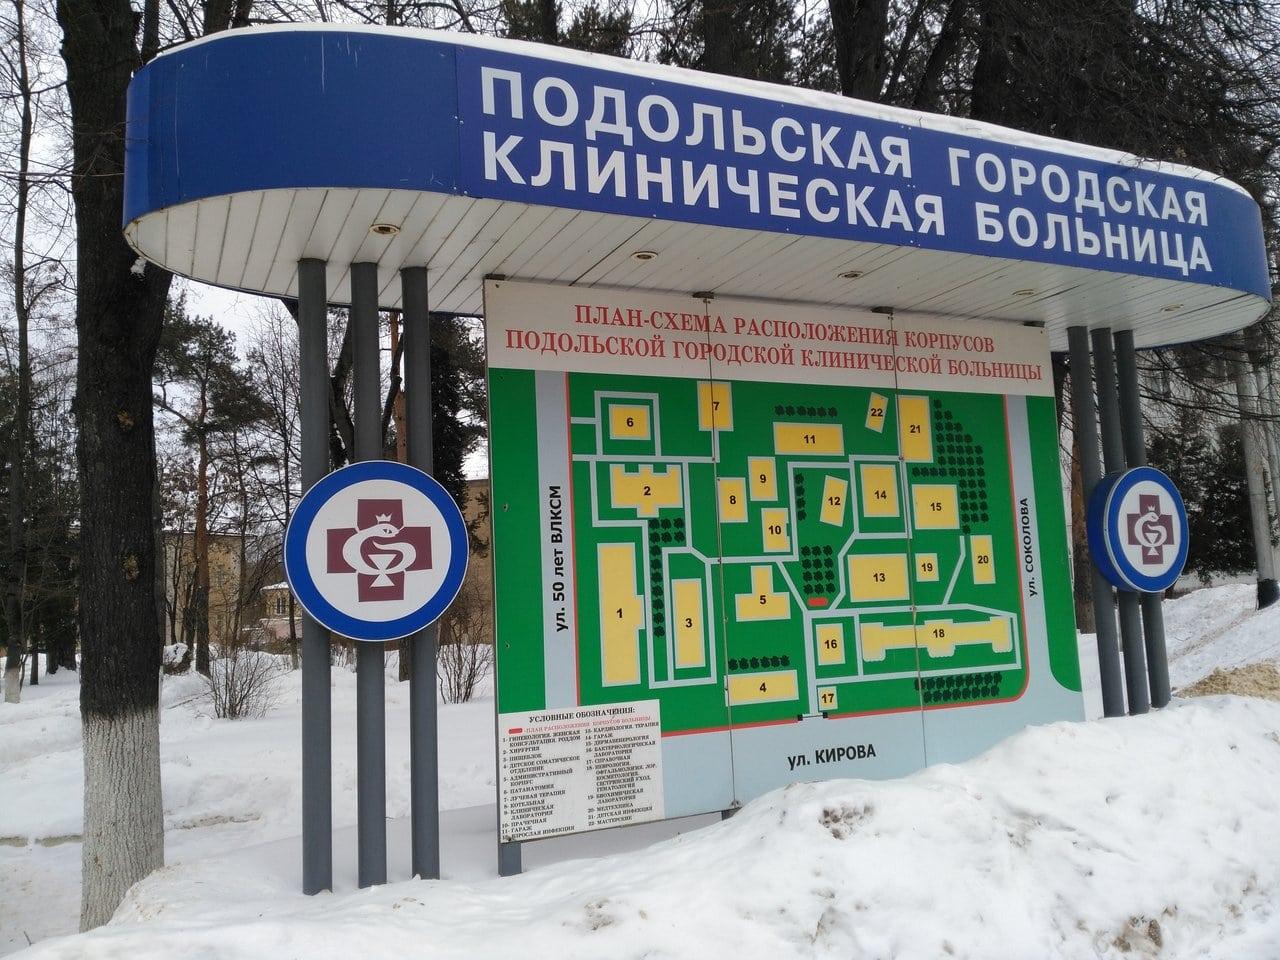 Ритуальные услуги в Подольске.